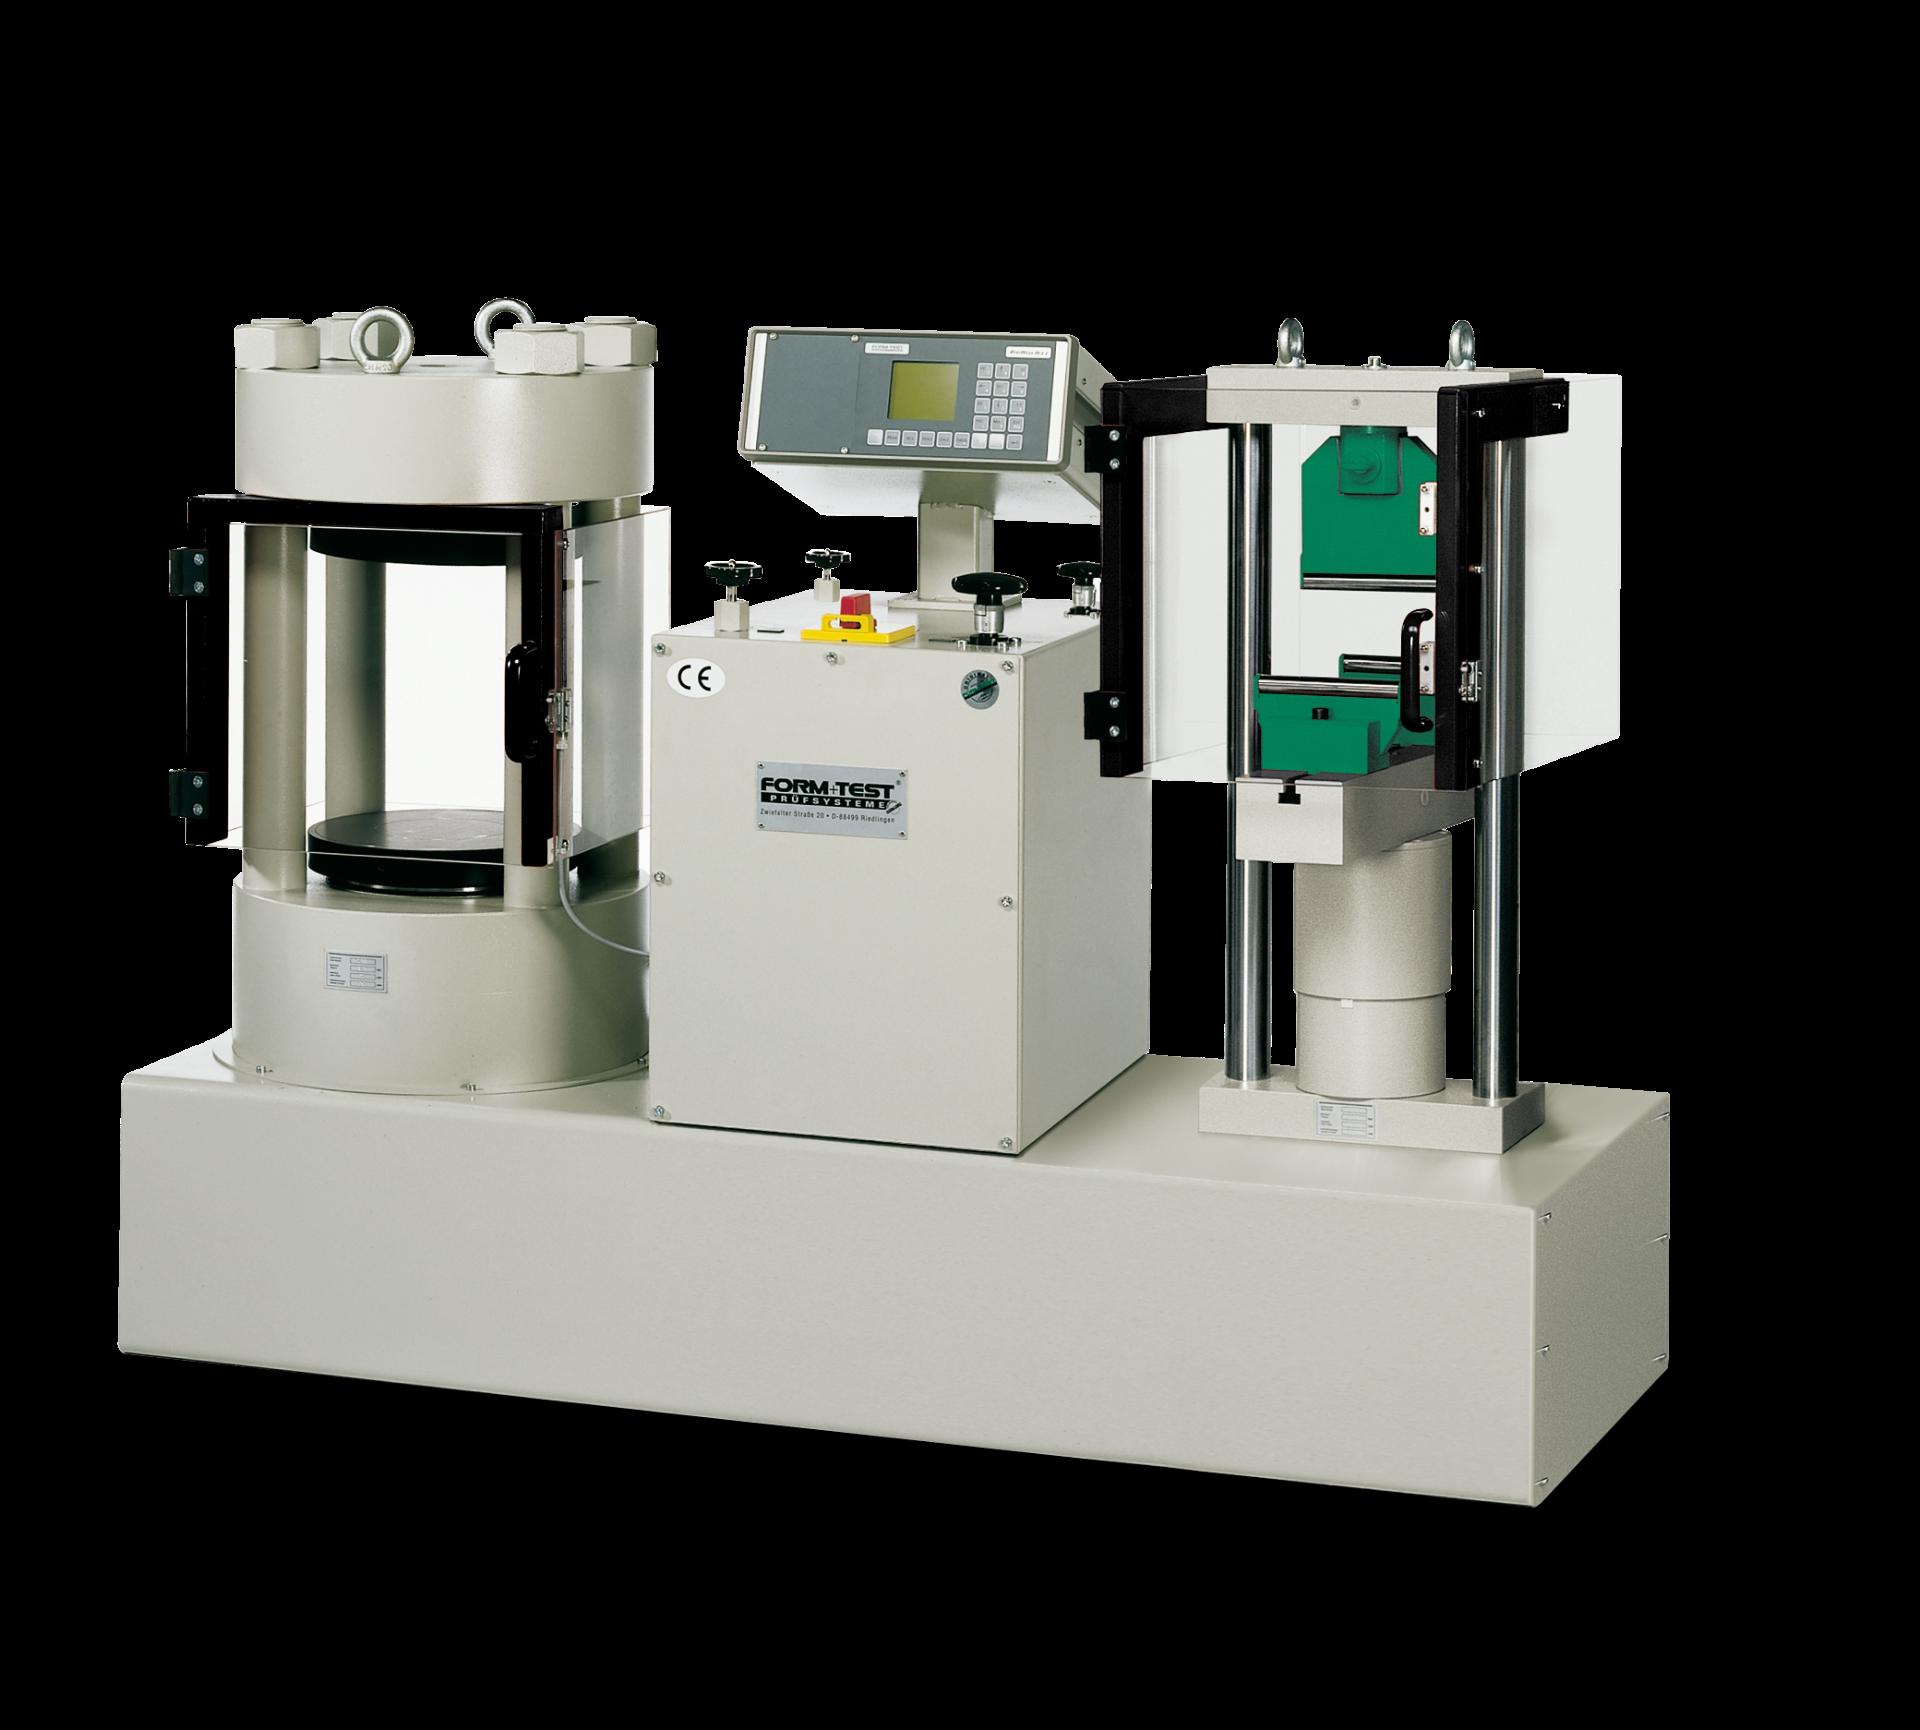 Druck Und Biegeprüfmaschine Serie Mega 7 Formtest